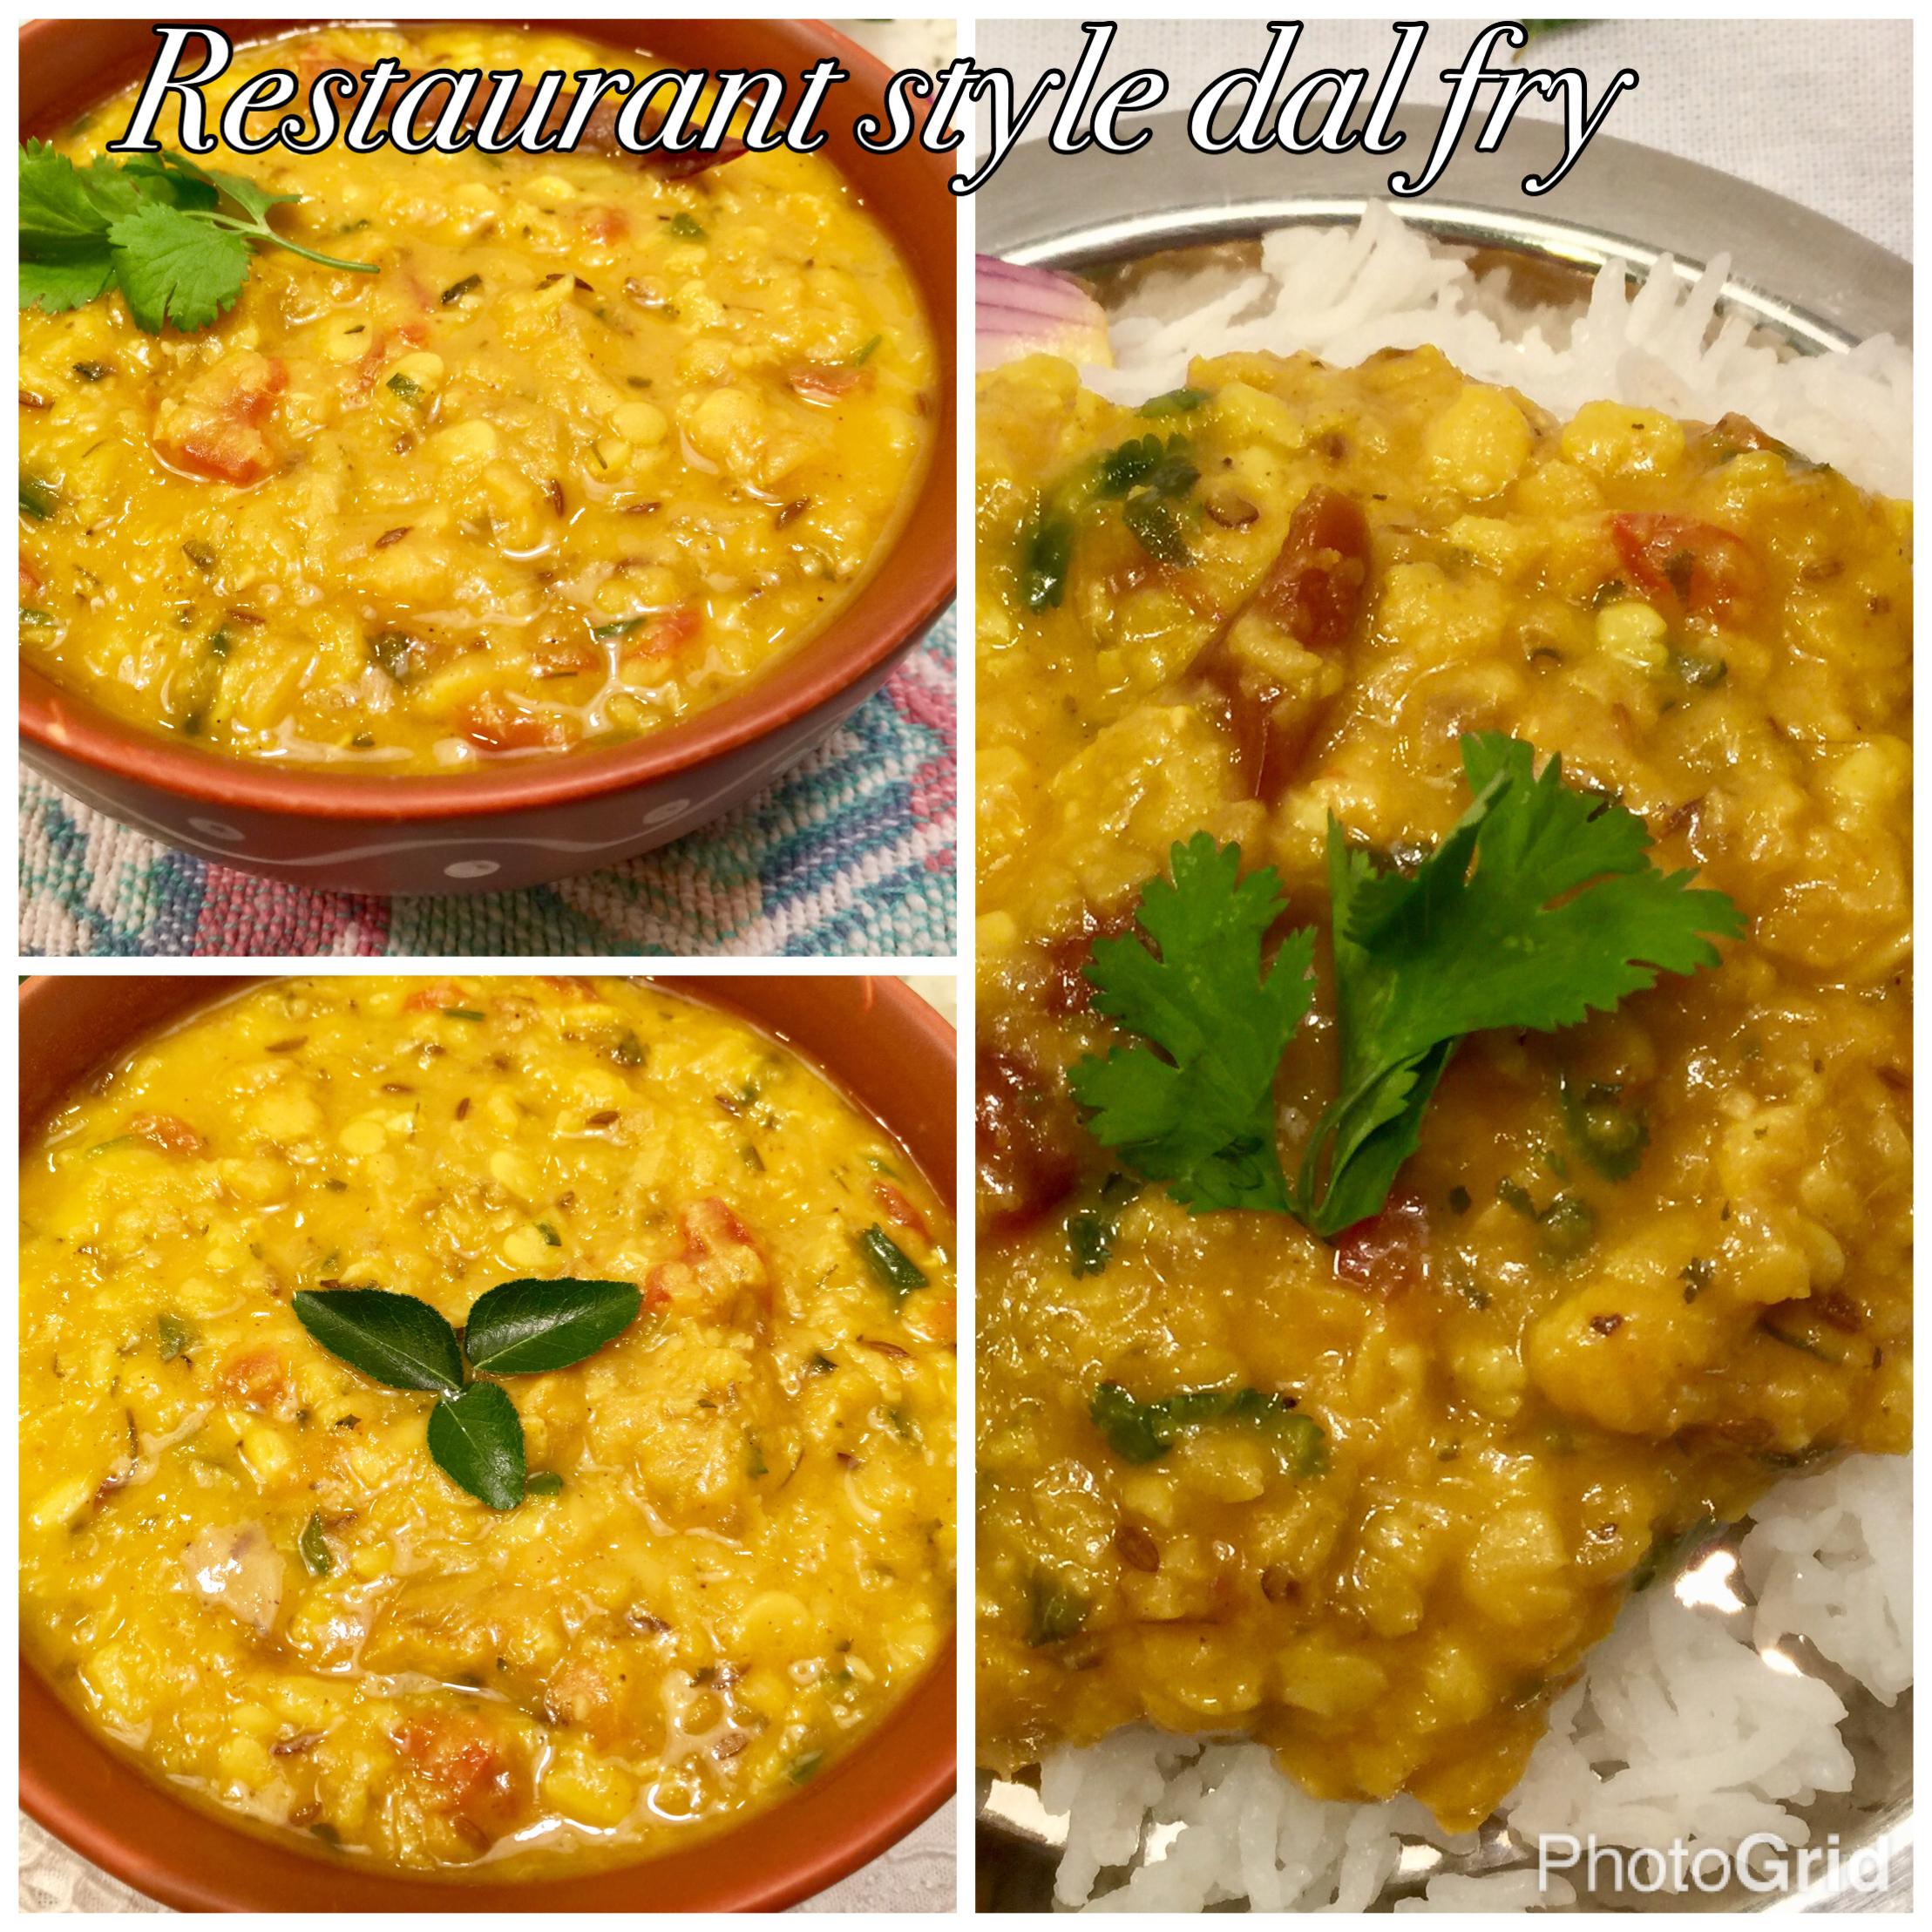 Dals Restaurant Menu